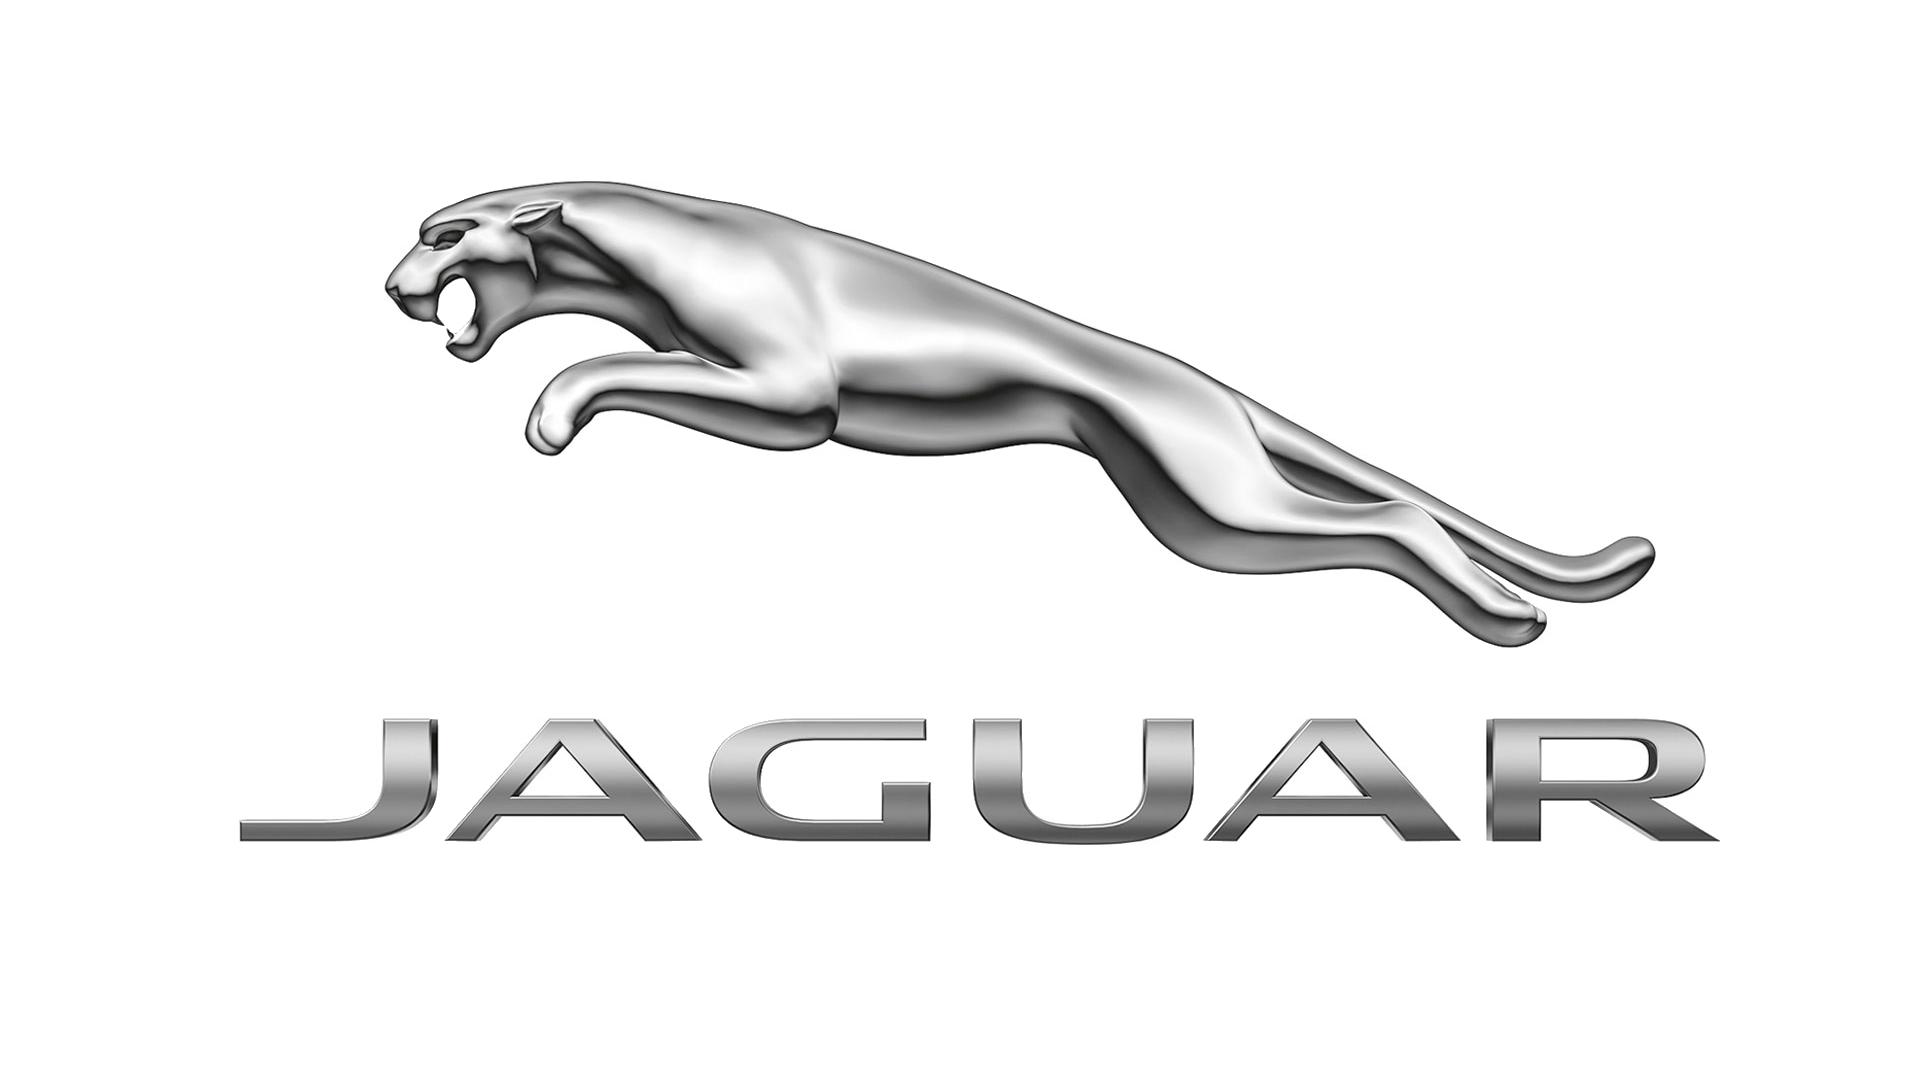 Jaguar-logo-2012-1920x1080.png